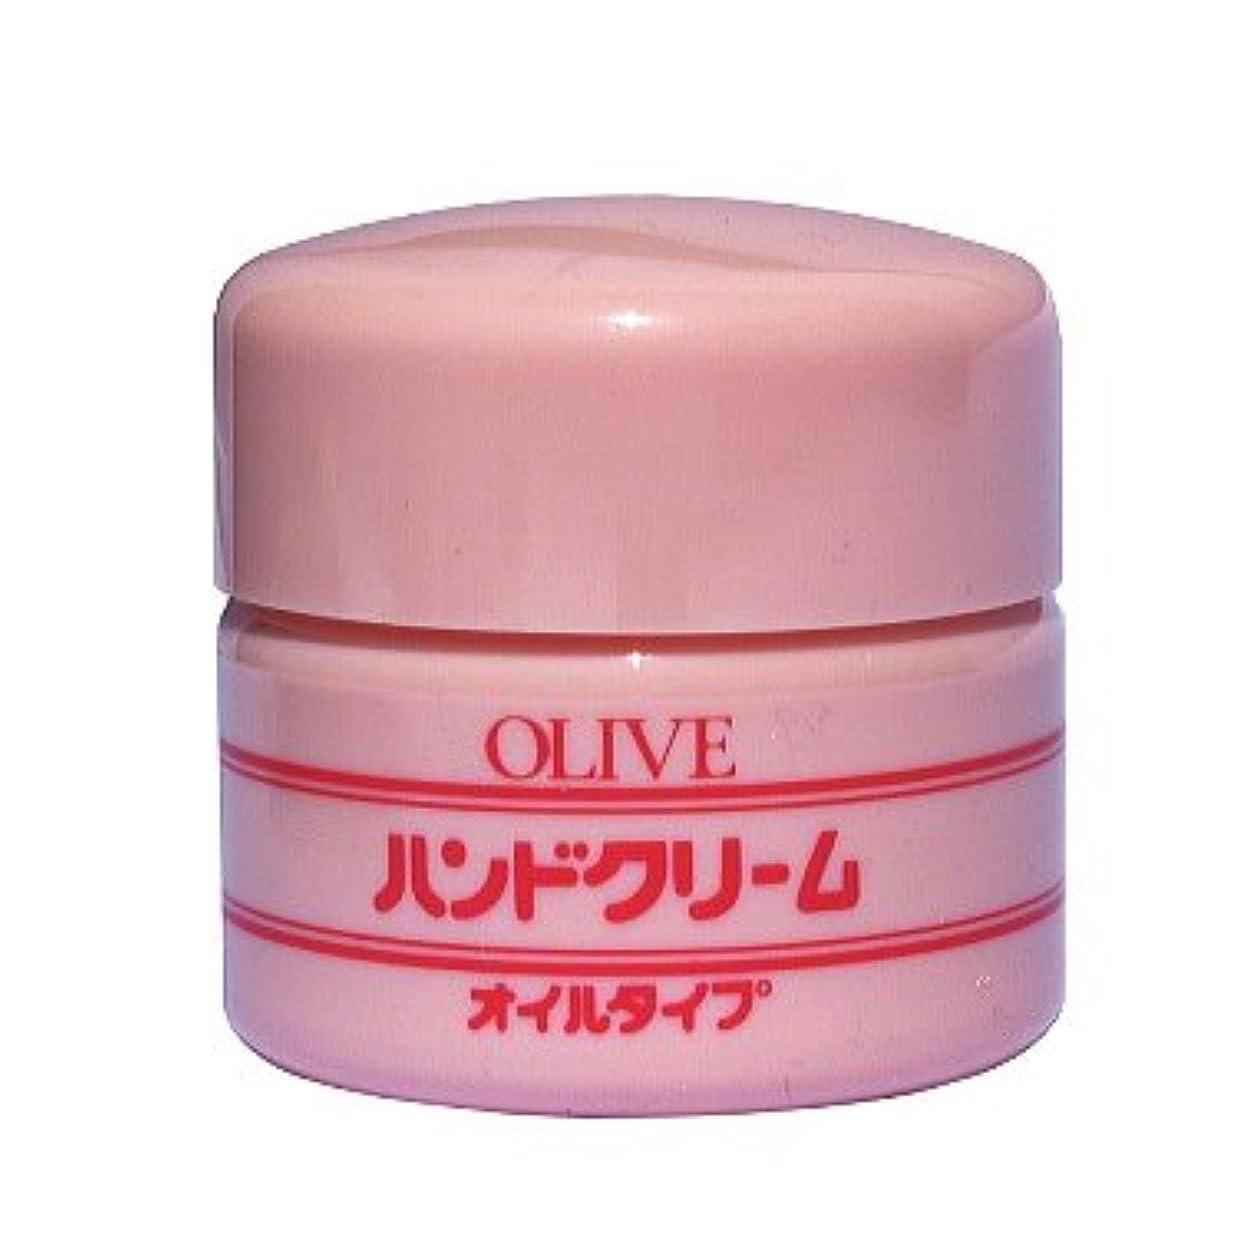 承認する持ってる普通に鈴虫化粧品 オリーブハンドクリーム(オイルタイプ/容器タイプ)53g